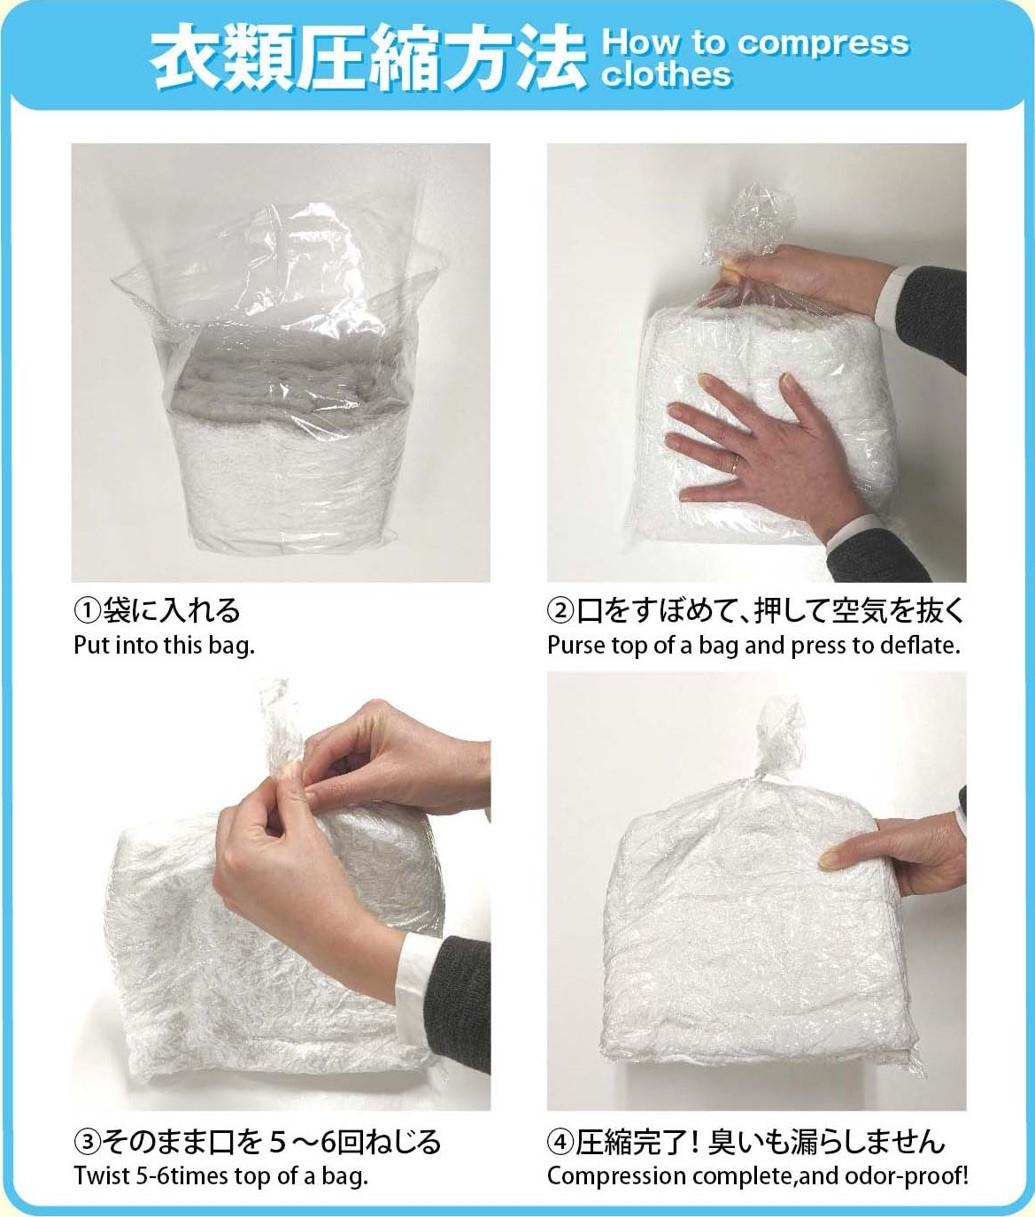 衣類圧縮方法説明画像